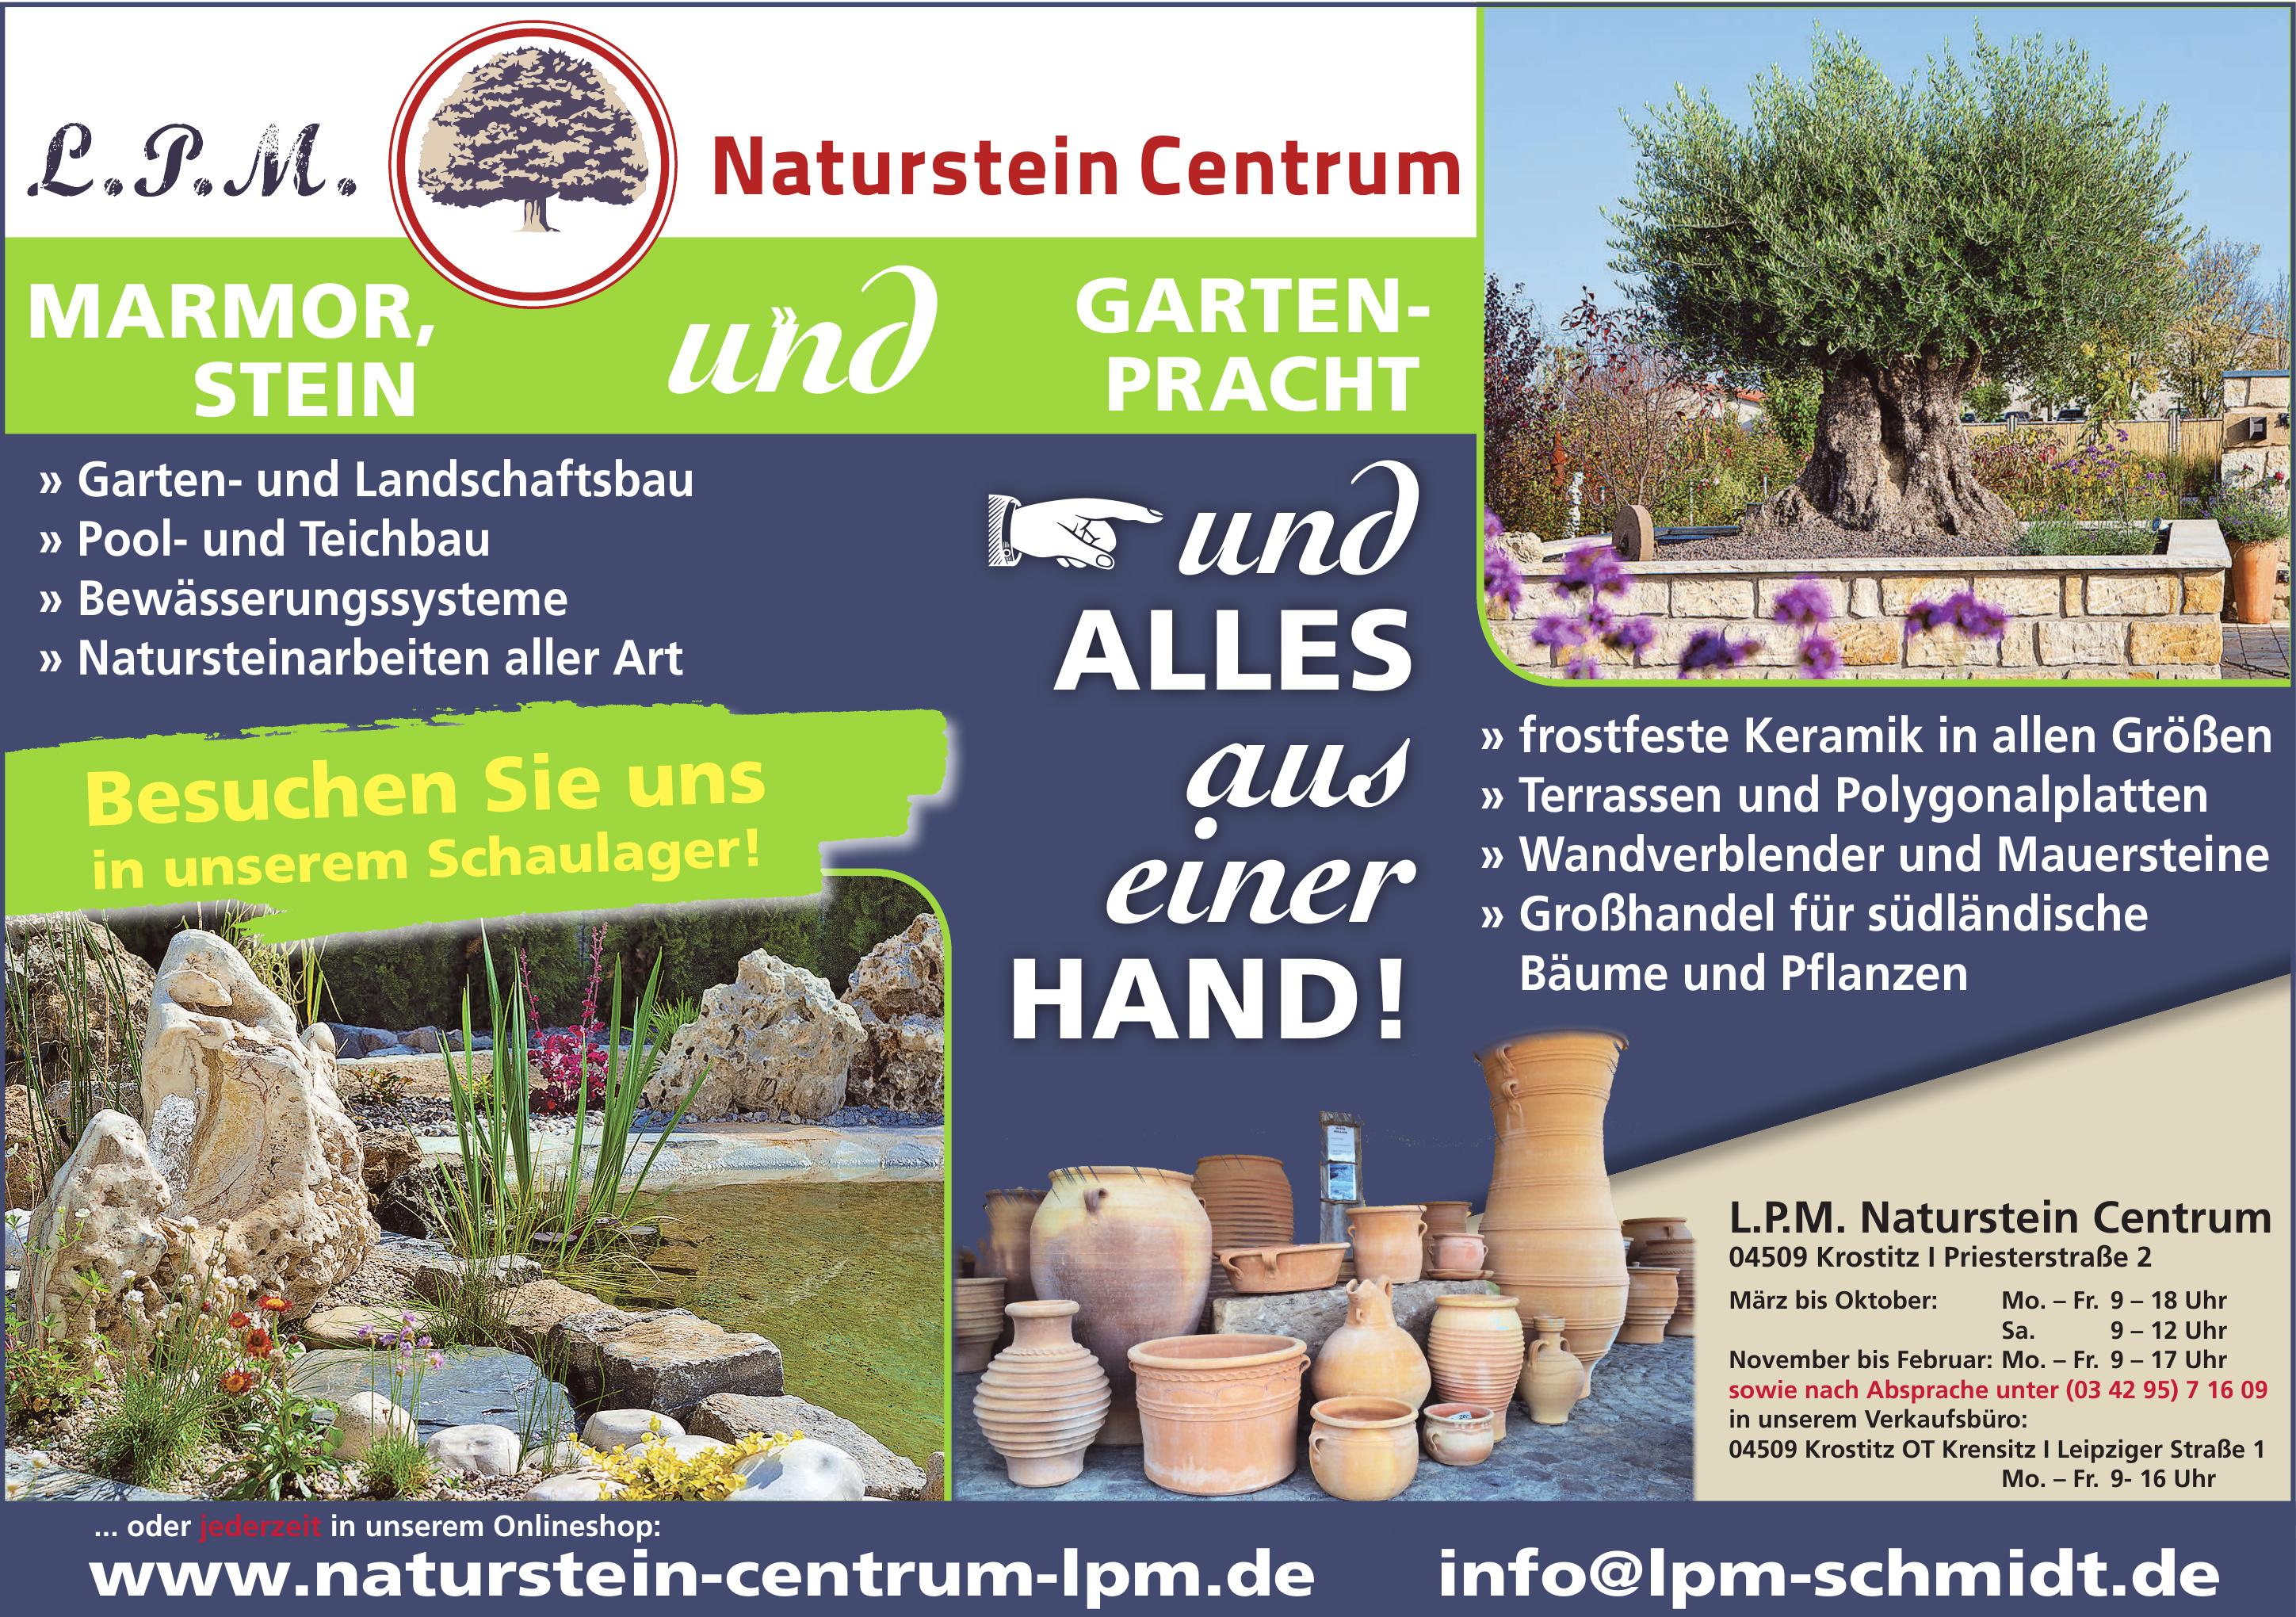 L.P.M. Naturstein Centrum